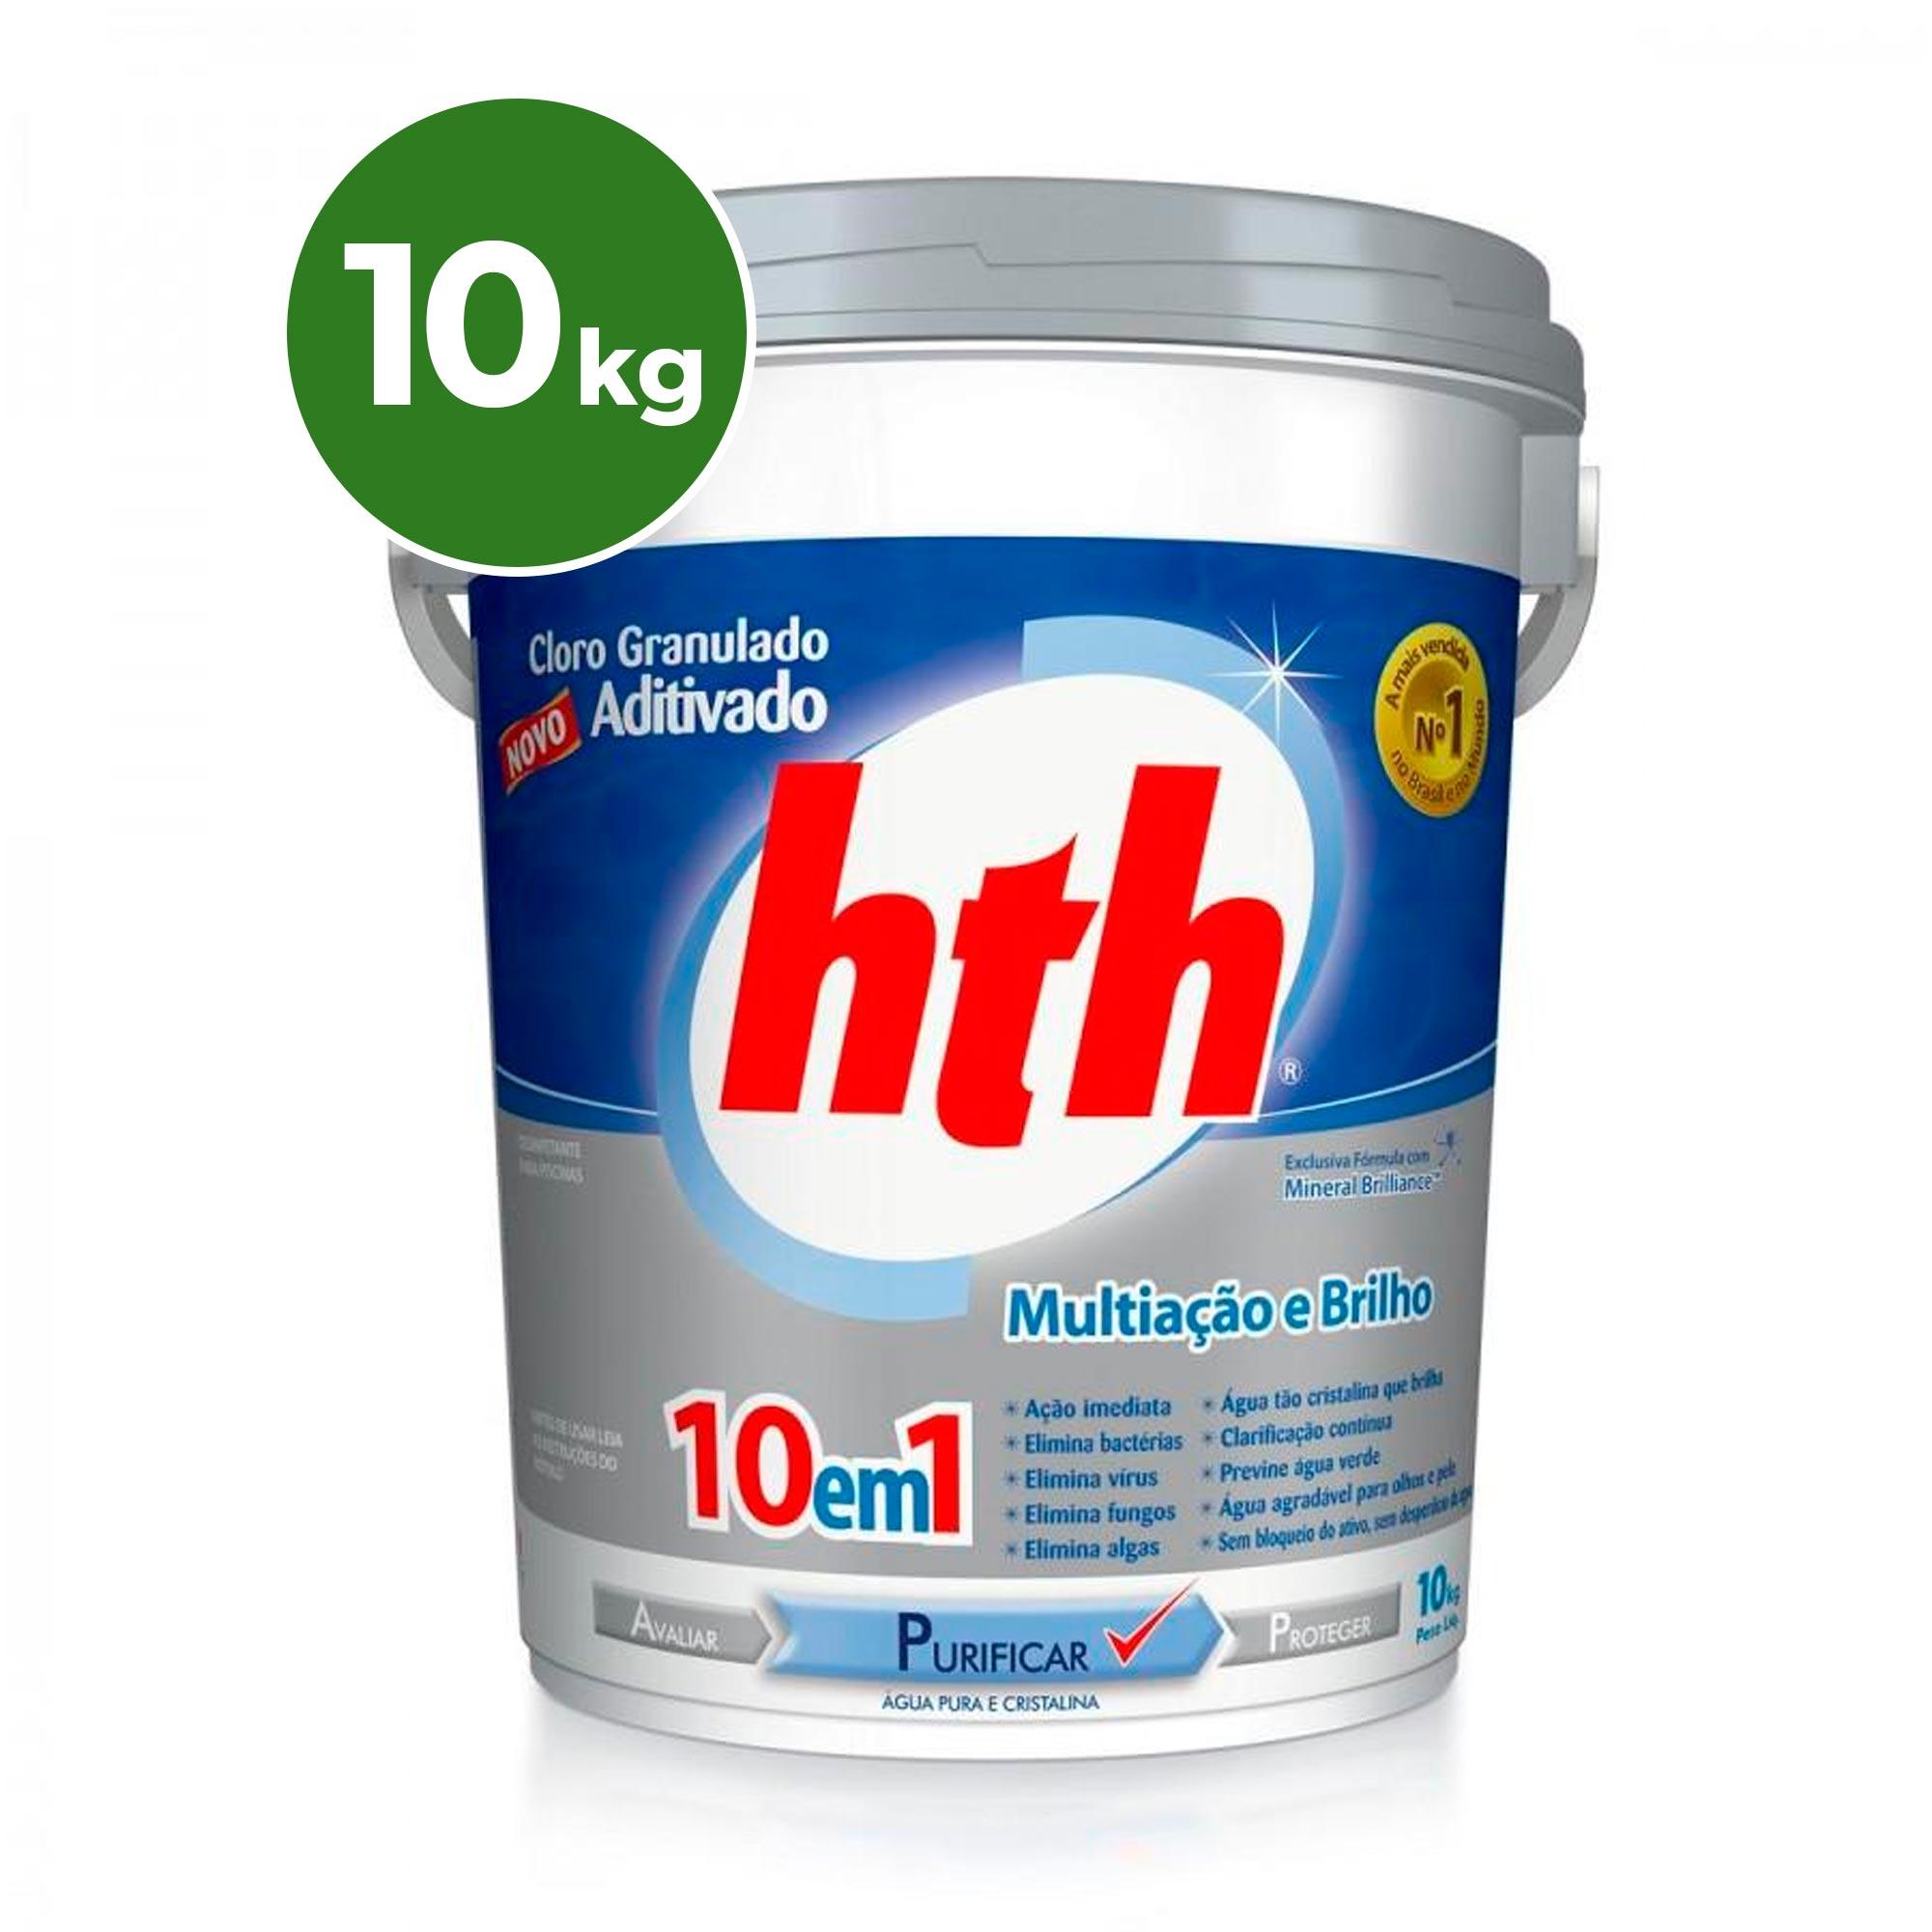 10kg Cloro Granulado 10 em 1 HTH 40% de Cloro Ativo